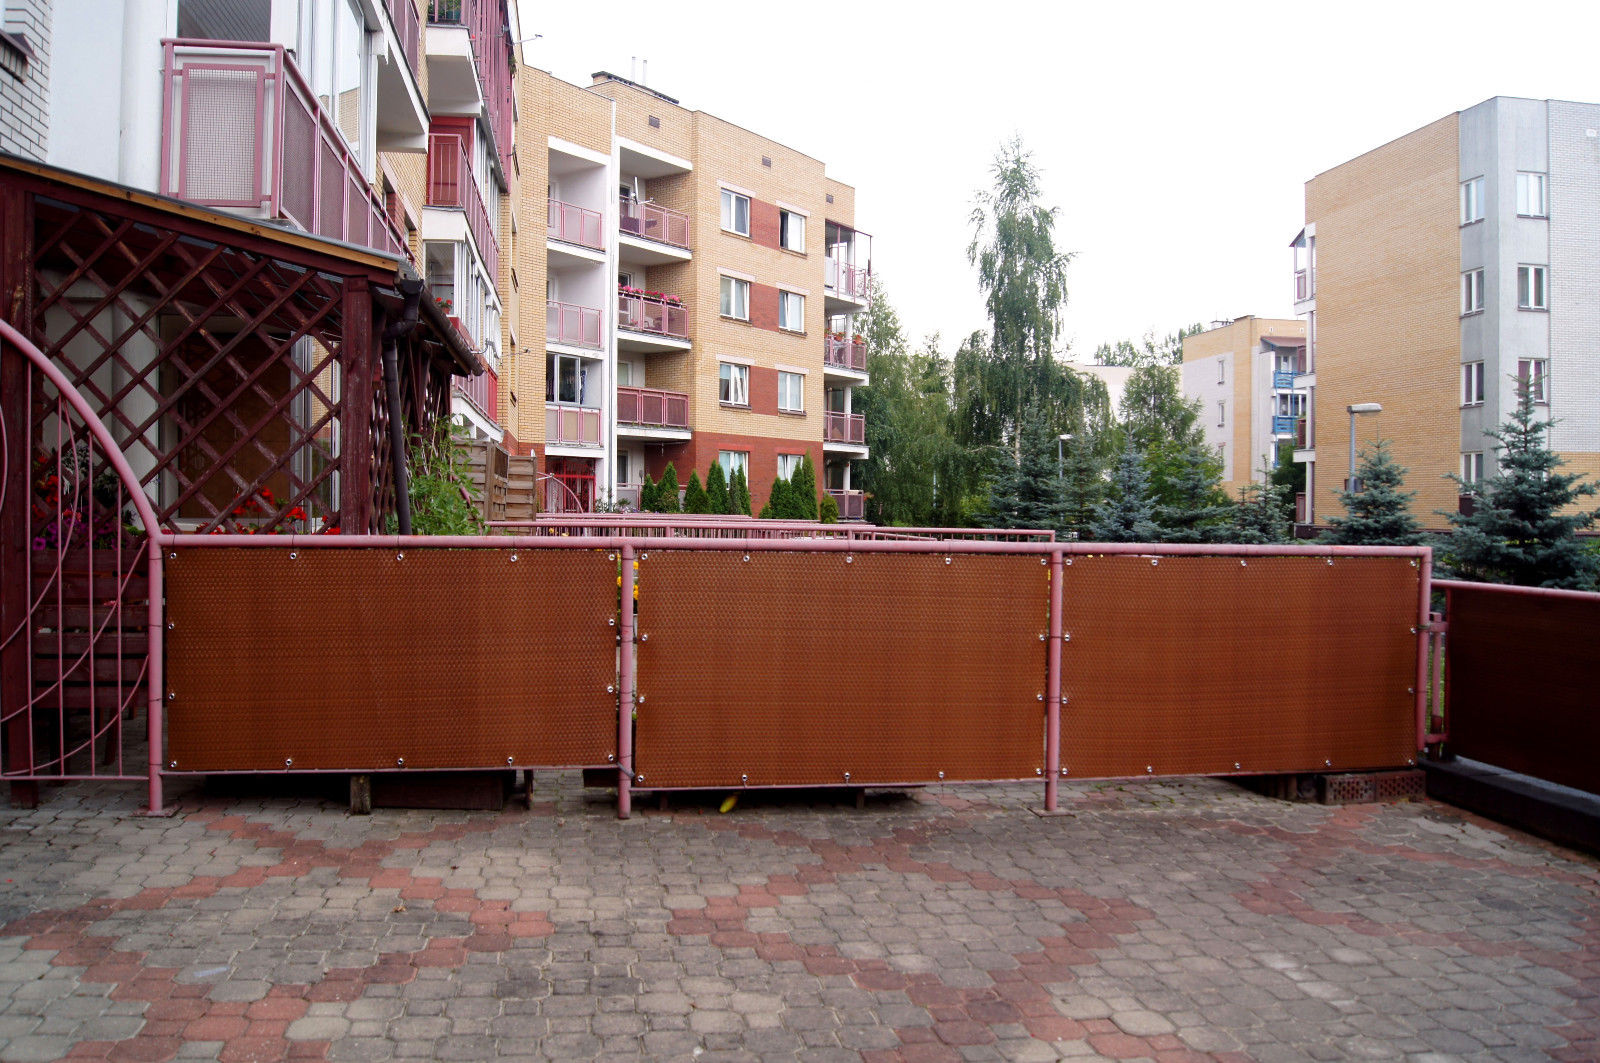 Sellon 24 Onlineshop 18 99 M2 Polyrattan Matte Mit Osen Balkonverkleidung Nach Mass Sichtschutz Balkonsichtschutz Quadratmeter Meterware Balkon